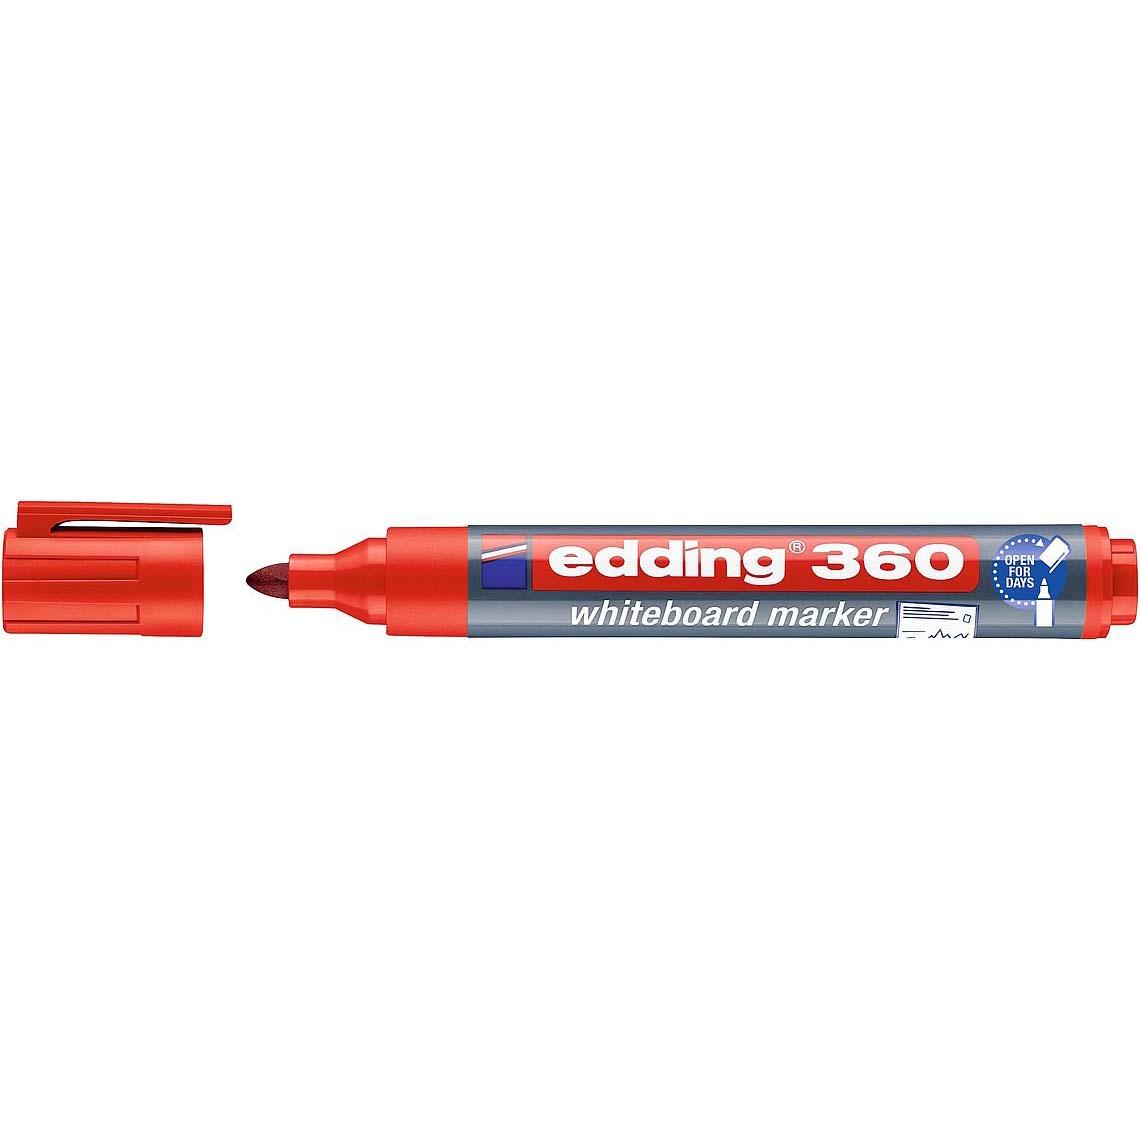 Edding 360 Whiteboard Marker Bullet Tip - Red (pc)